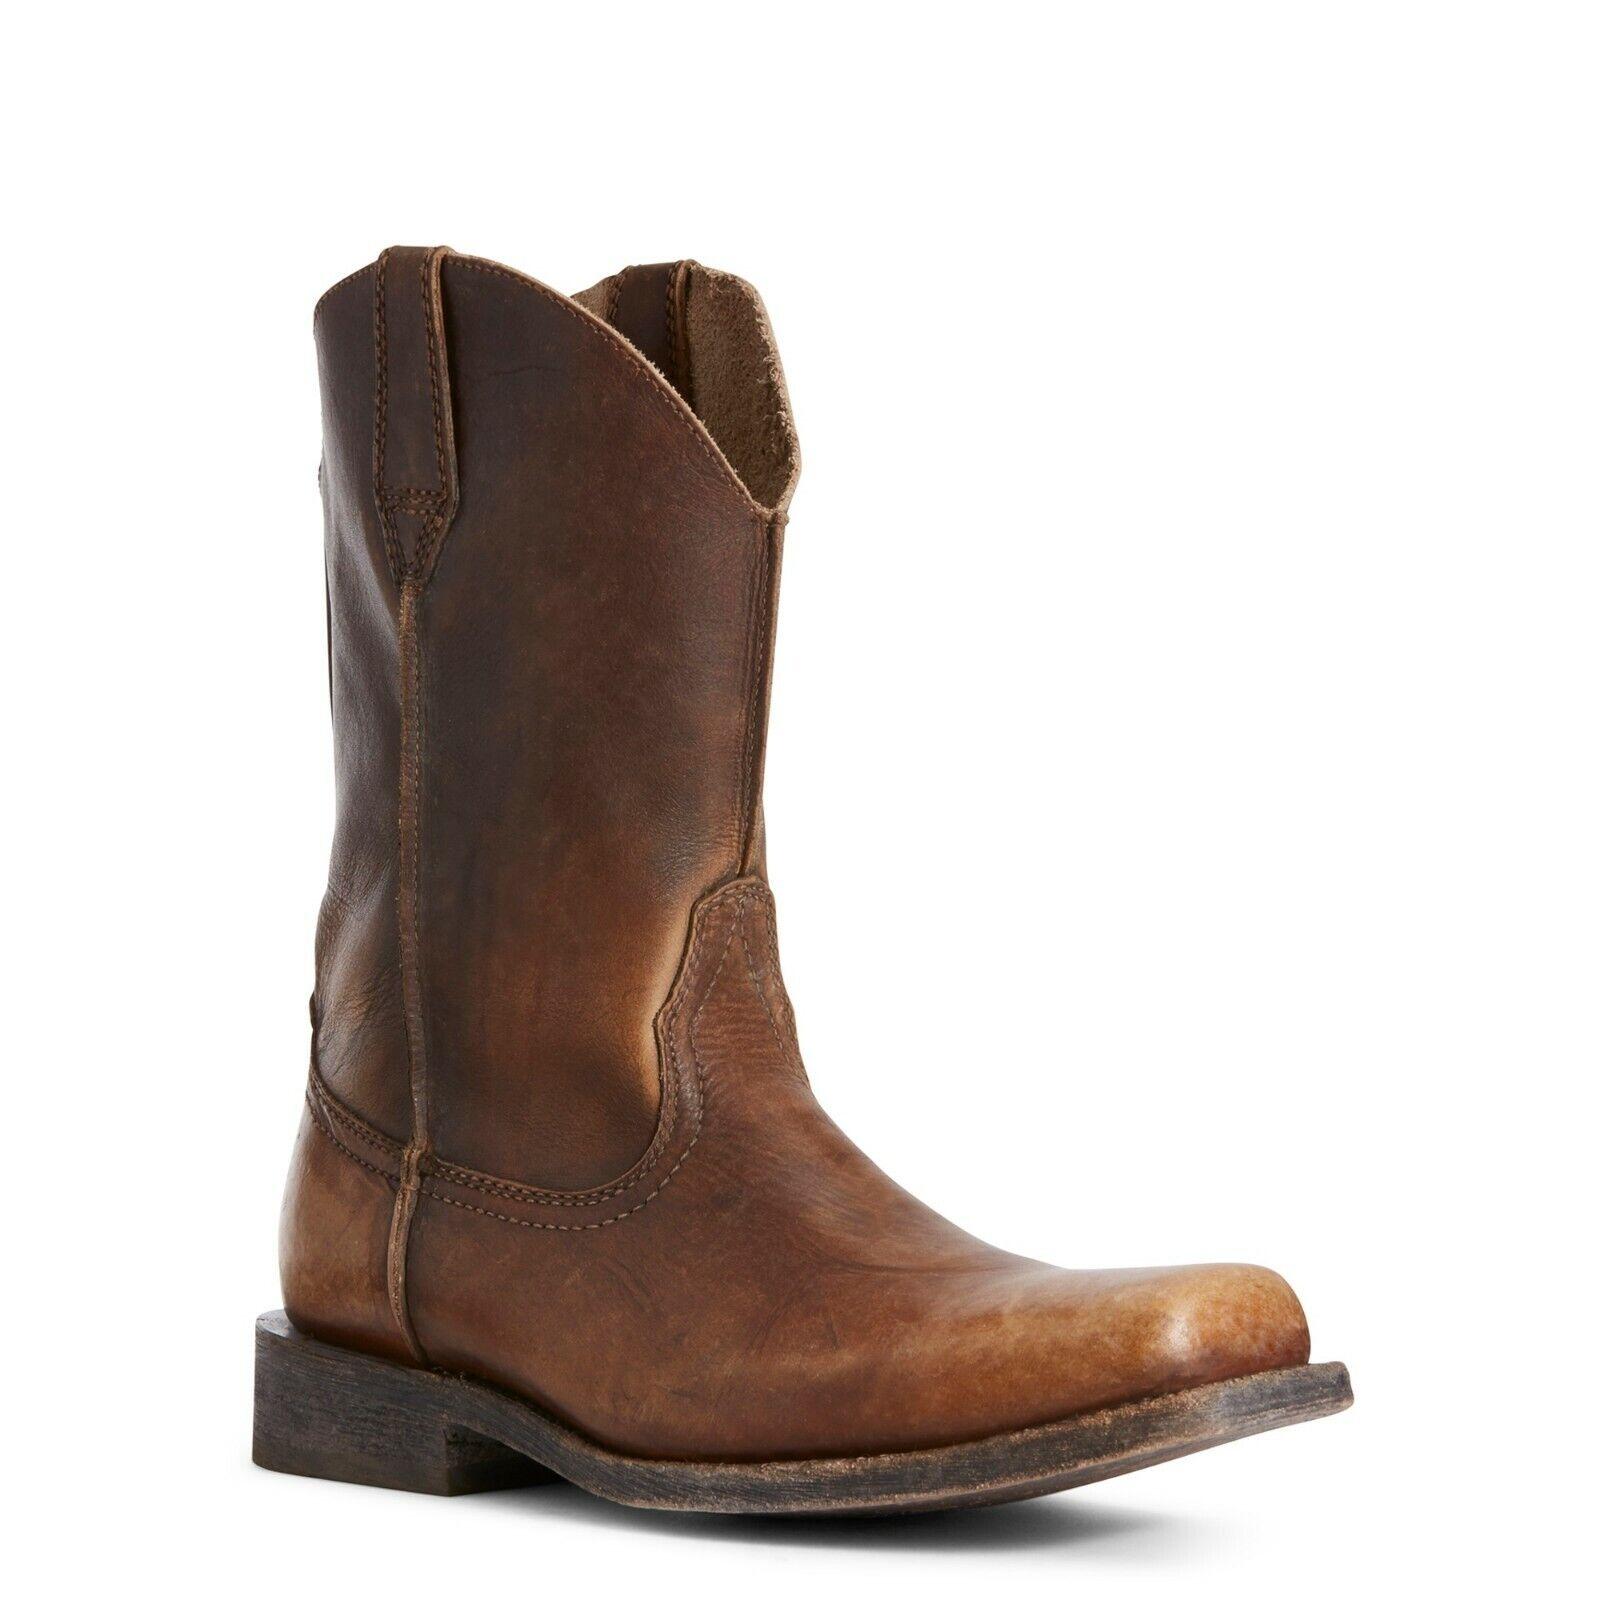 Ariat ® para hombre ® suela de cuero marrón envejecido Rambler botas 10027227